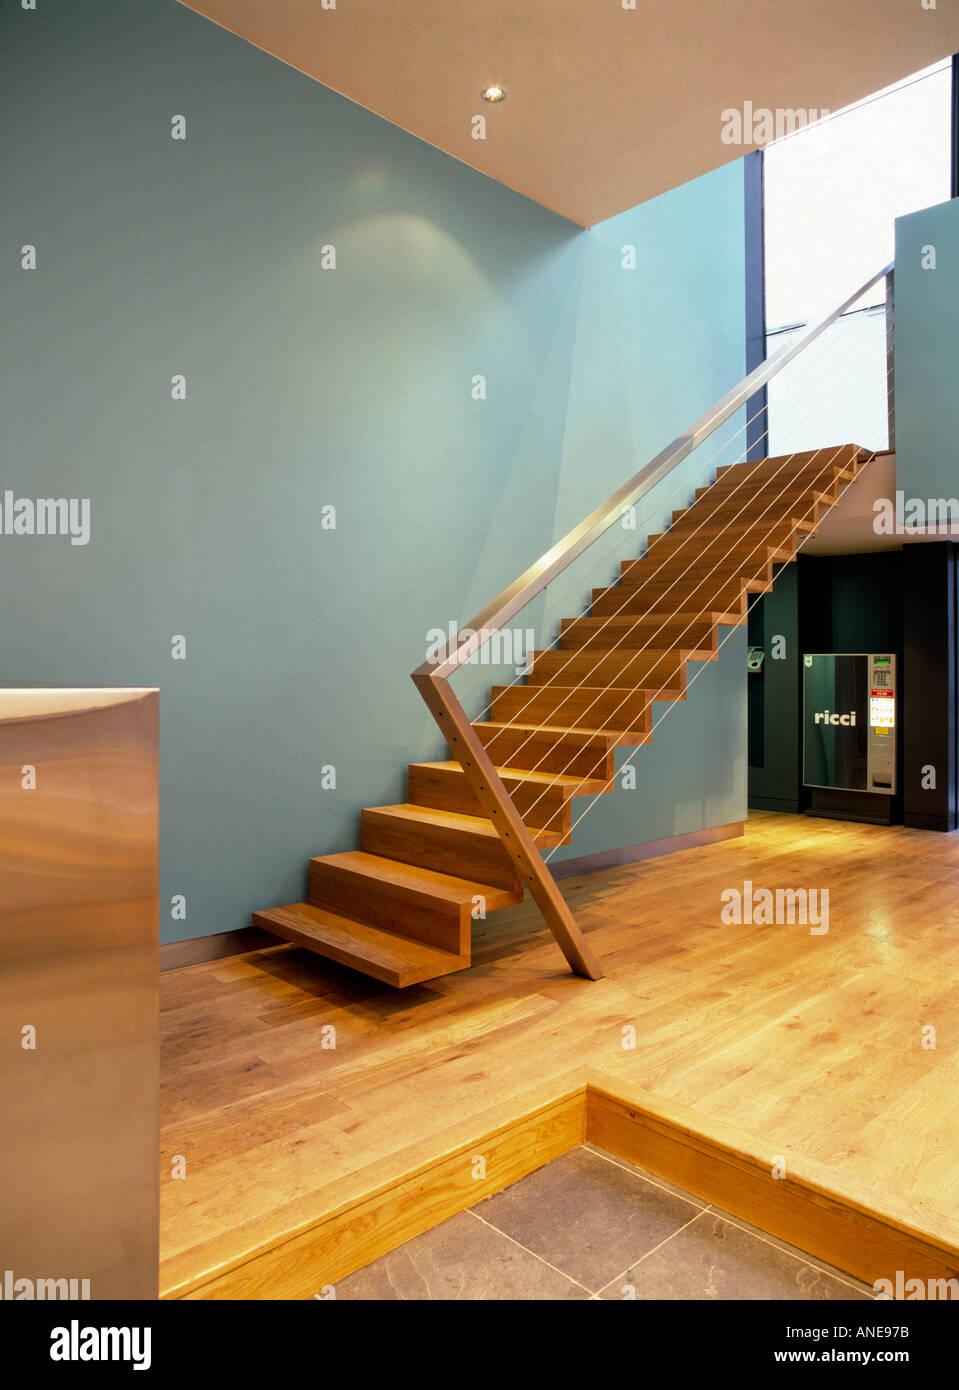 Großartig Schwebende Treppe Galerie Von Detail Des Holzes, Die Mit Edelstahl-handlauf Und